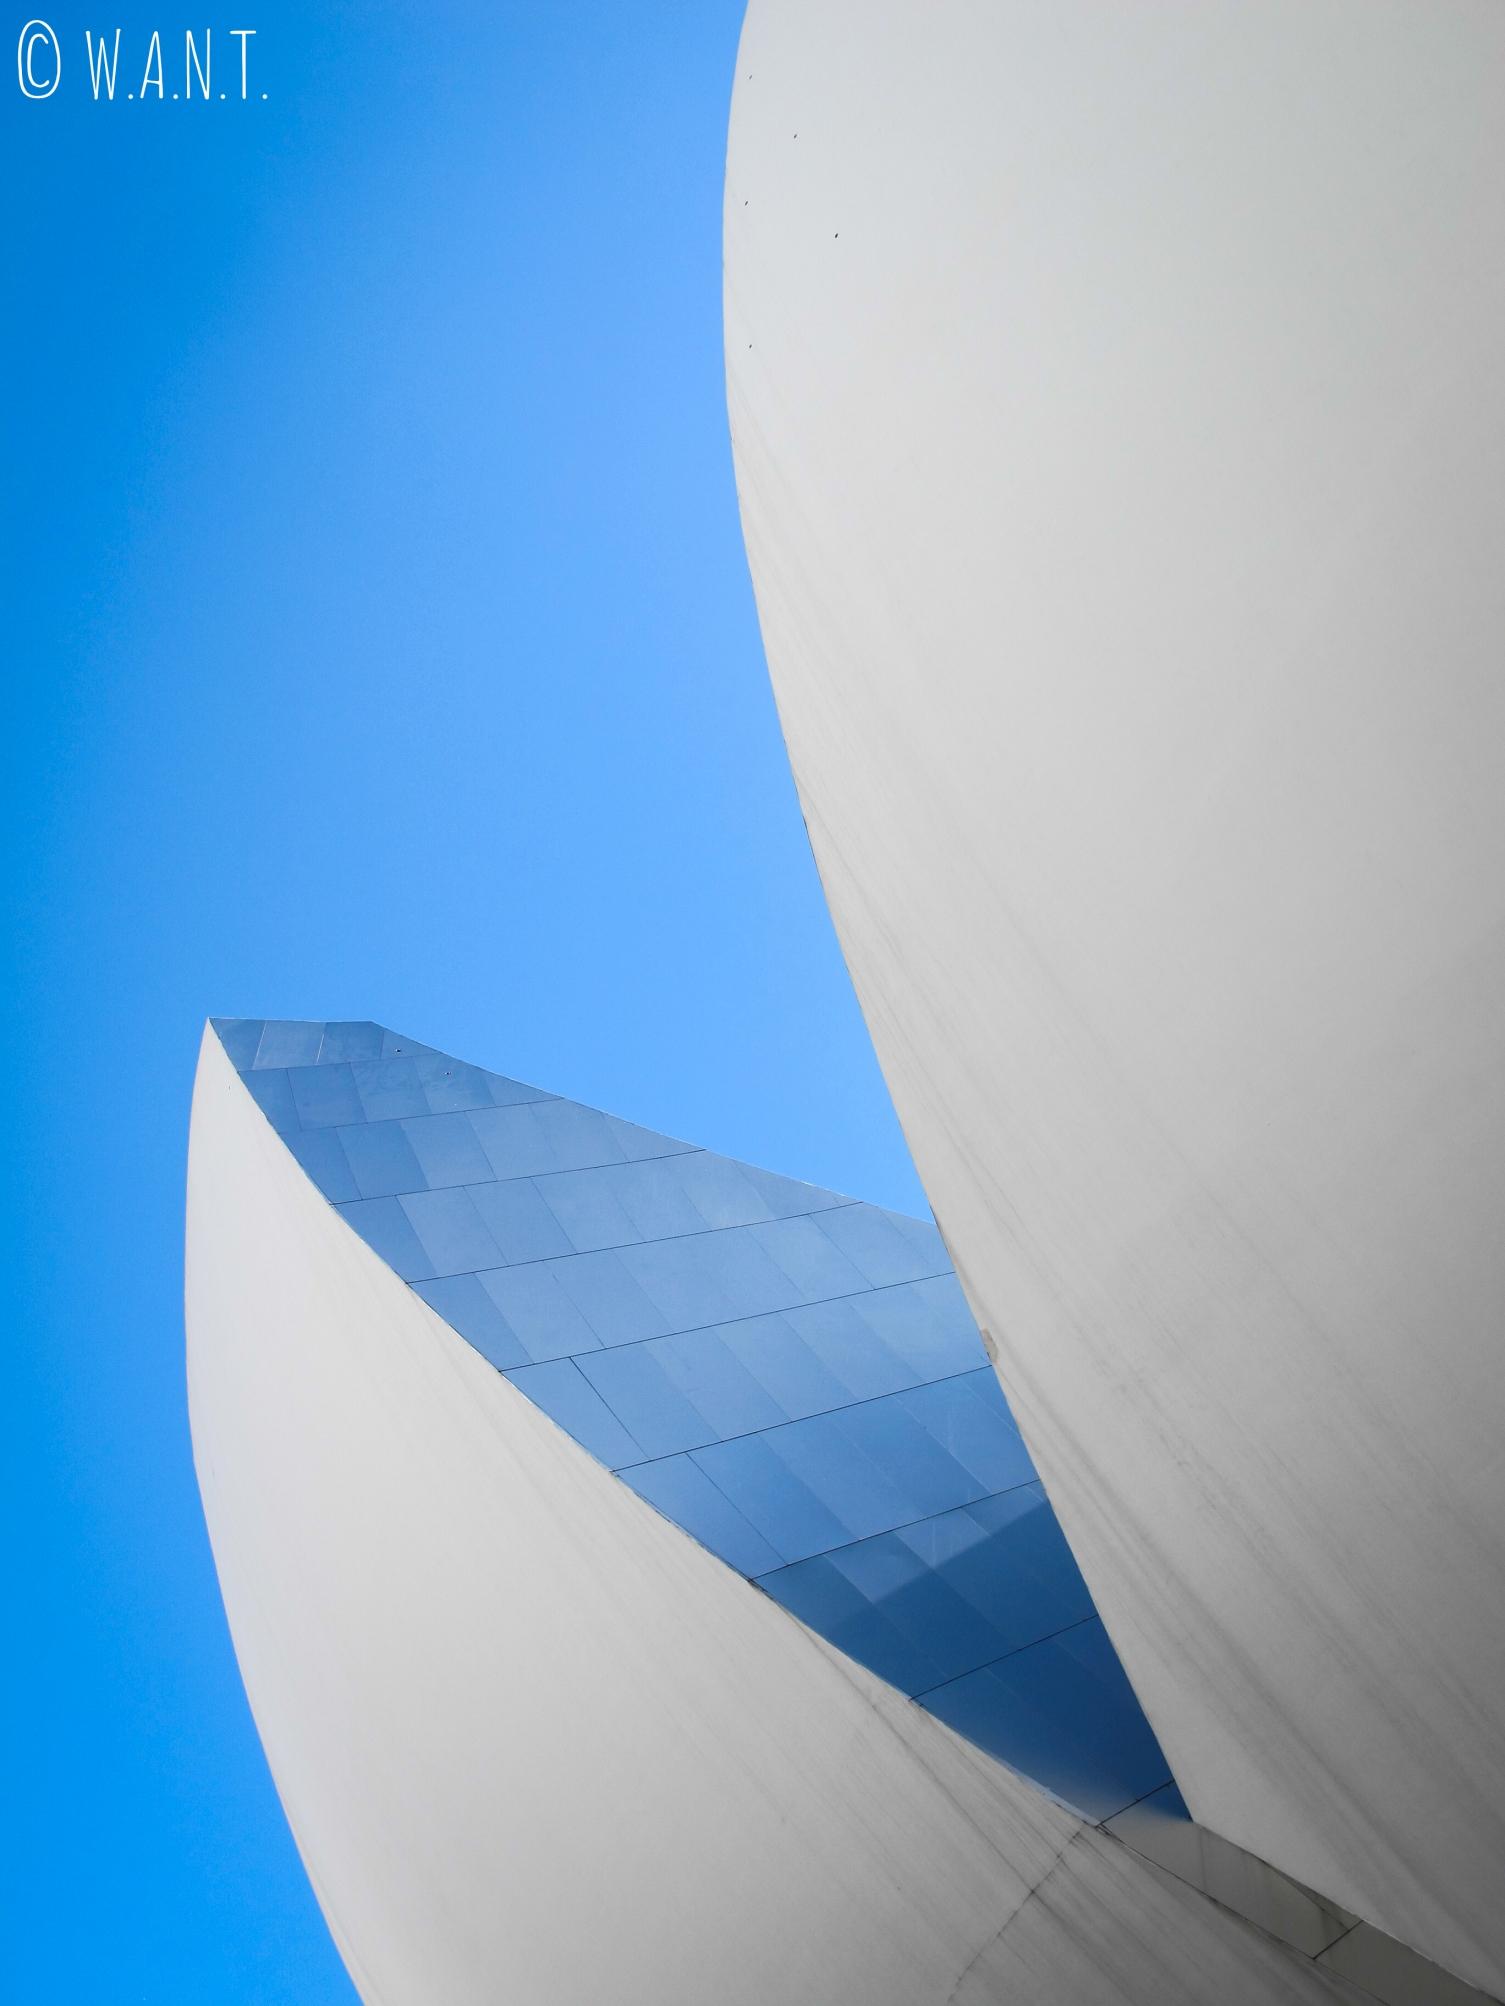 Gros plan sur le bâtiment en forme de lostus de l'ArtScience Museum